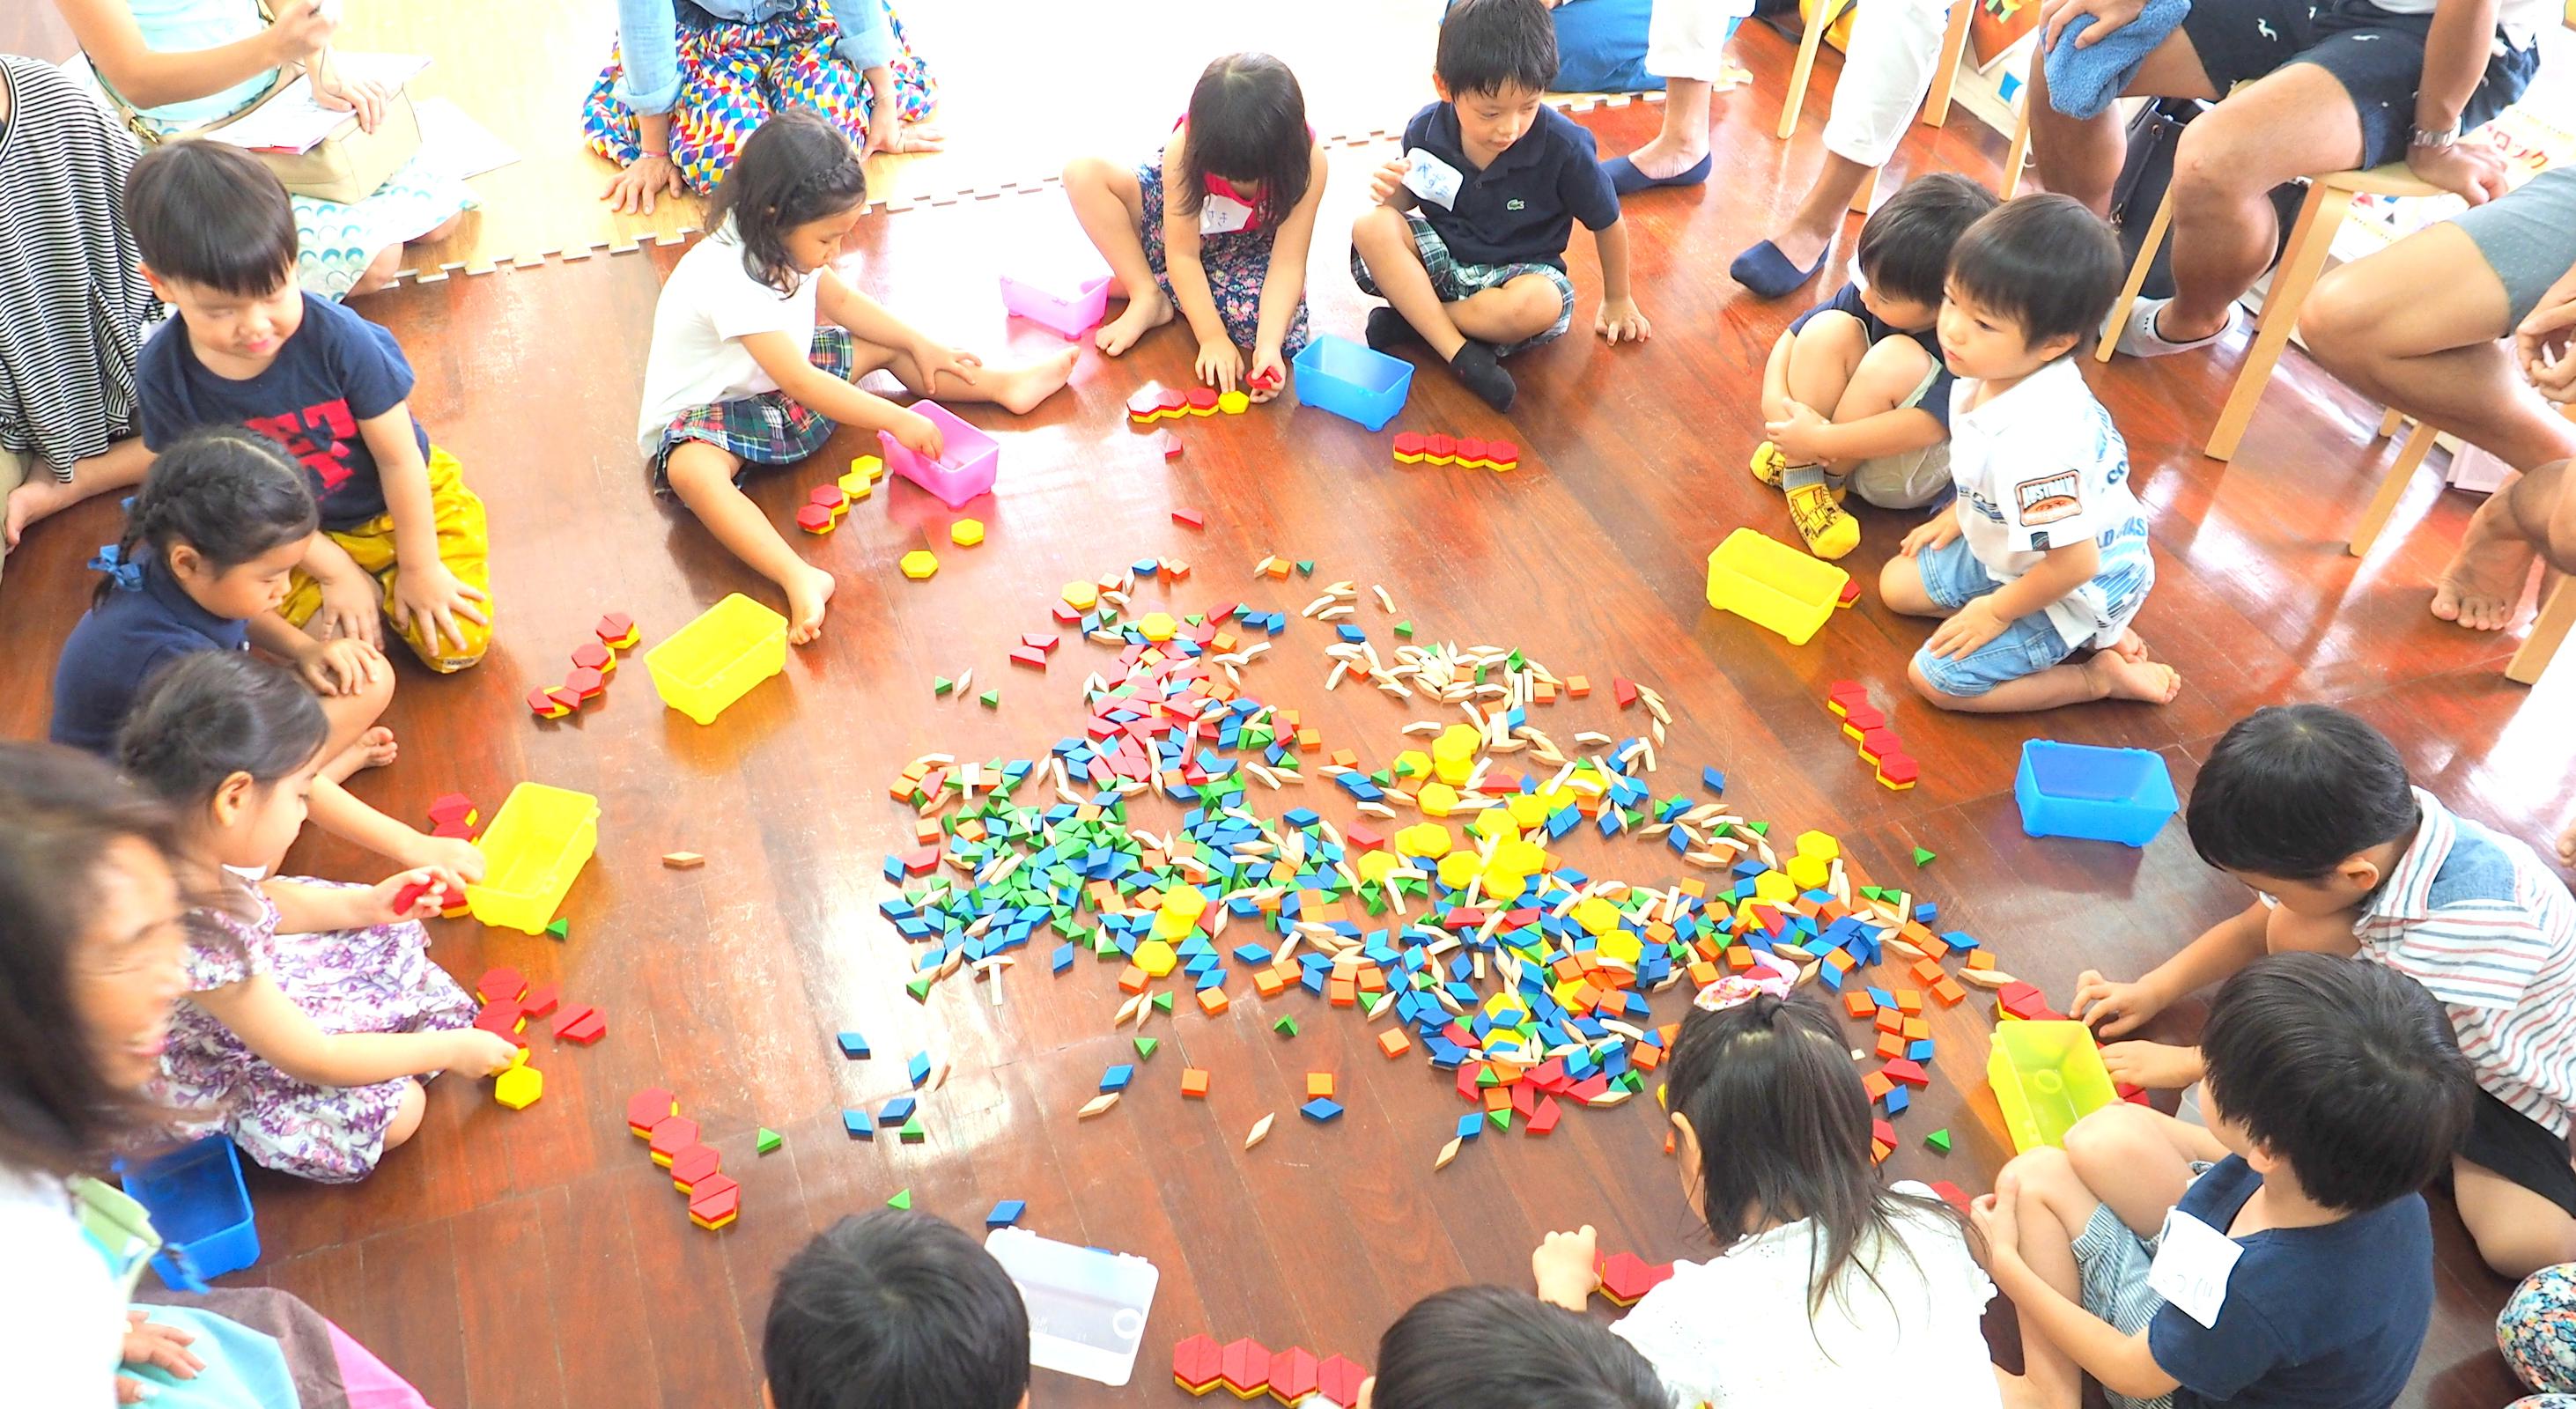 【ニコラボニュース】 ひめままバンコク特別開催イベント 「パターンブロック」自由体験 開放日!นิตยสาร nico labo นําเสนอกิจกรรมพิเศษ Himemama Bangkok เปิด  ประสบการณ์การเรียนรู้อย่างอิสระกับ Pattern Blocks